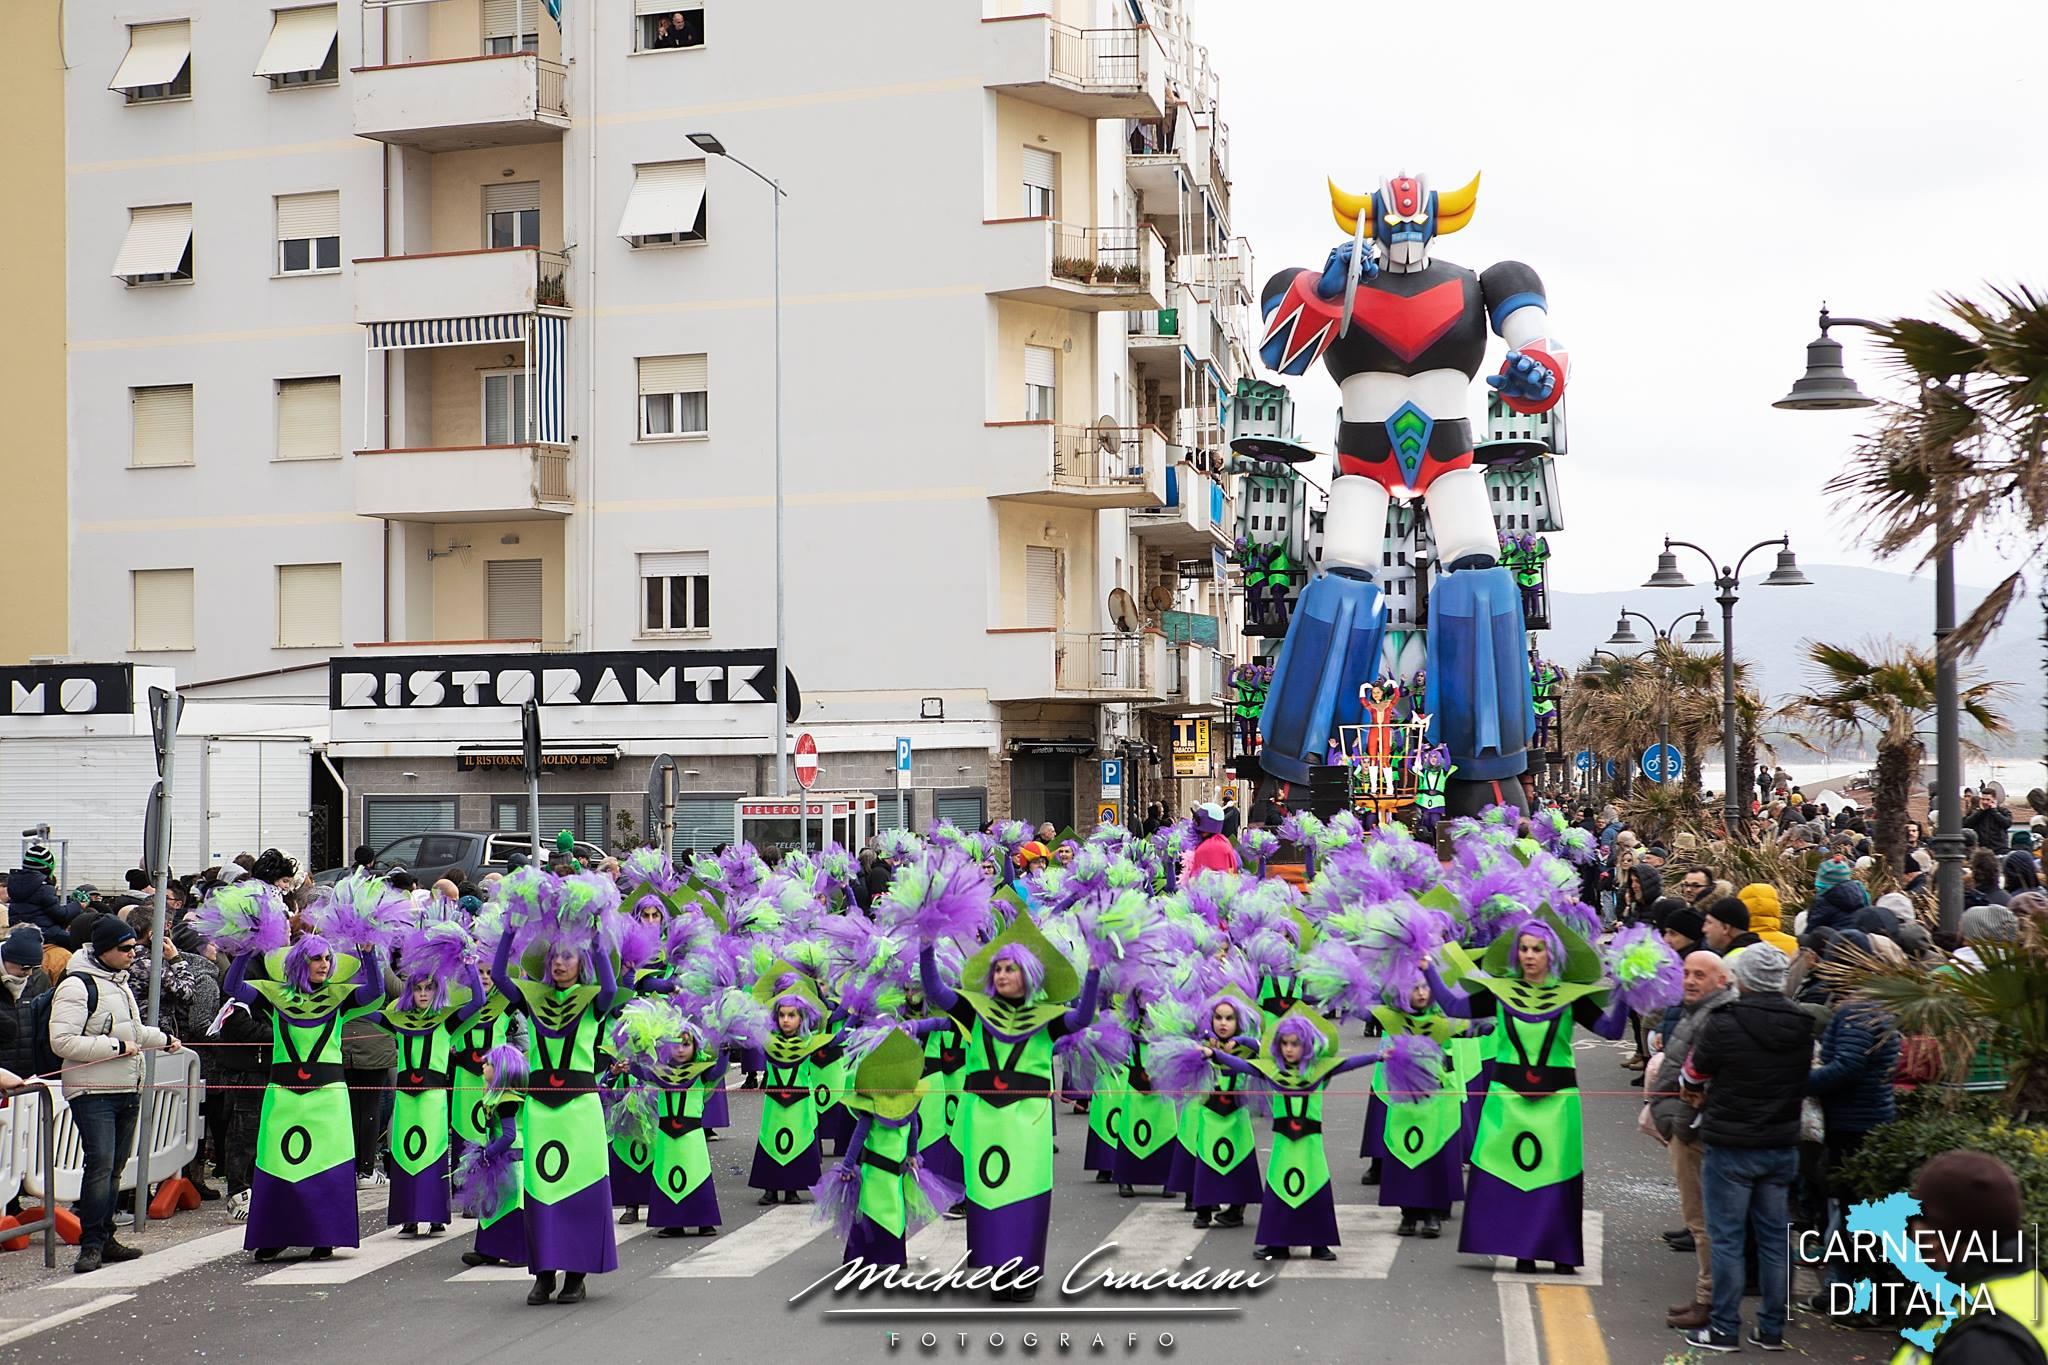 Carnevale Follonica 2019